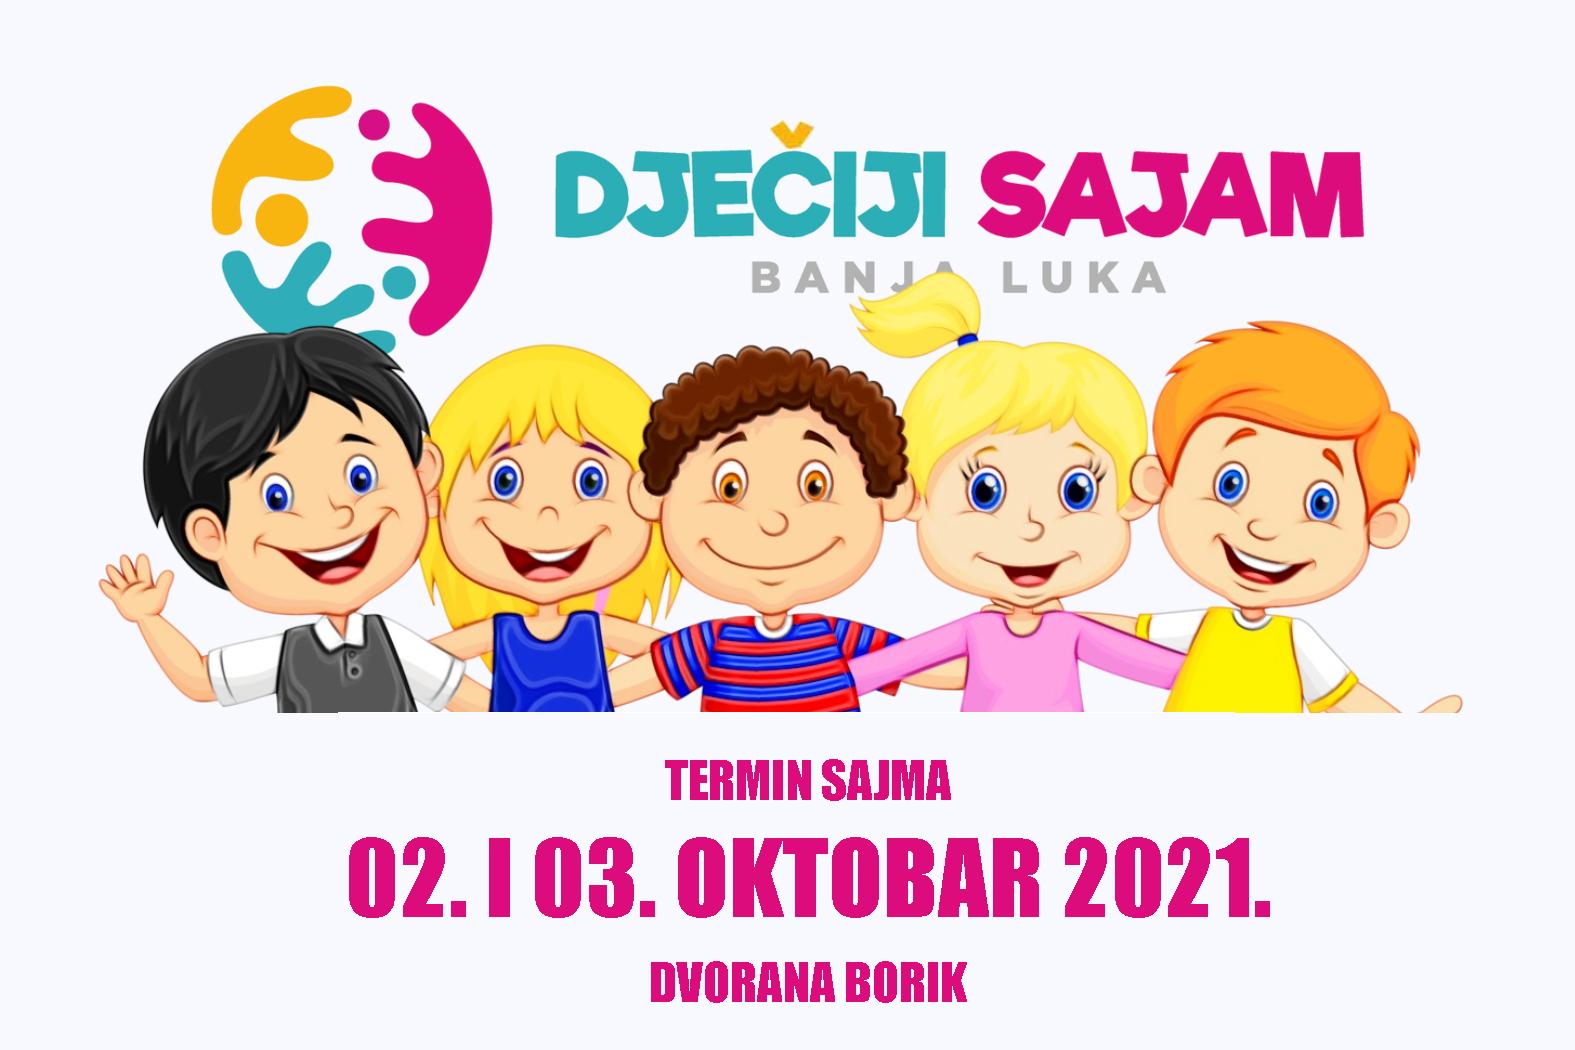 dječiji sajam banja luka 2021